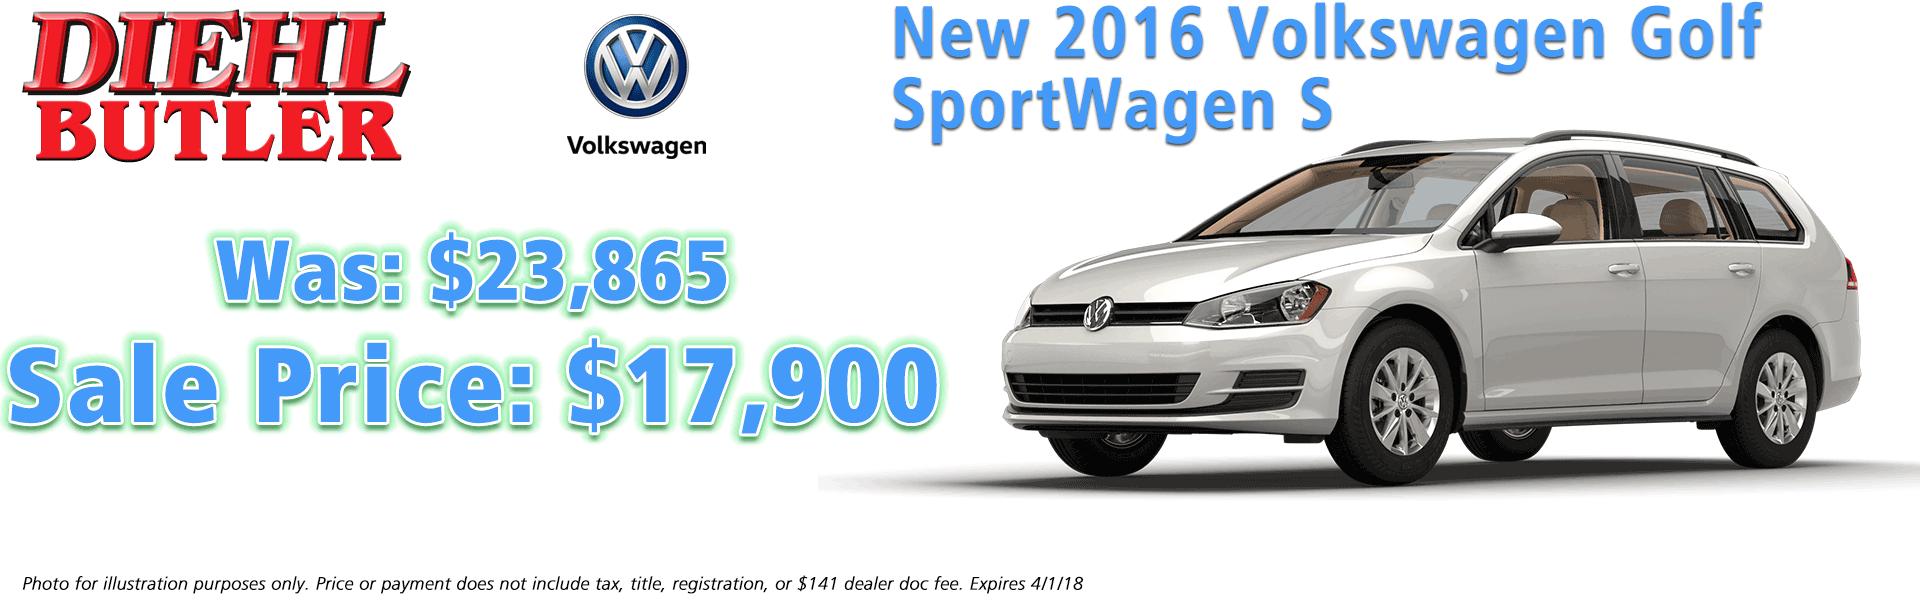 Diehl Volkswagen Of Butler Volkswagen Dealer In Butler Pa